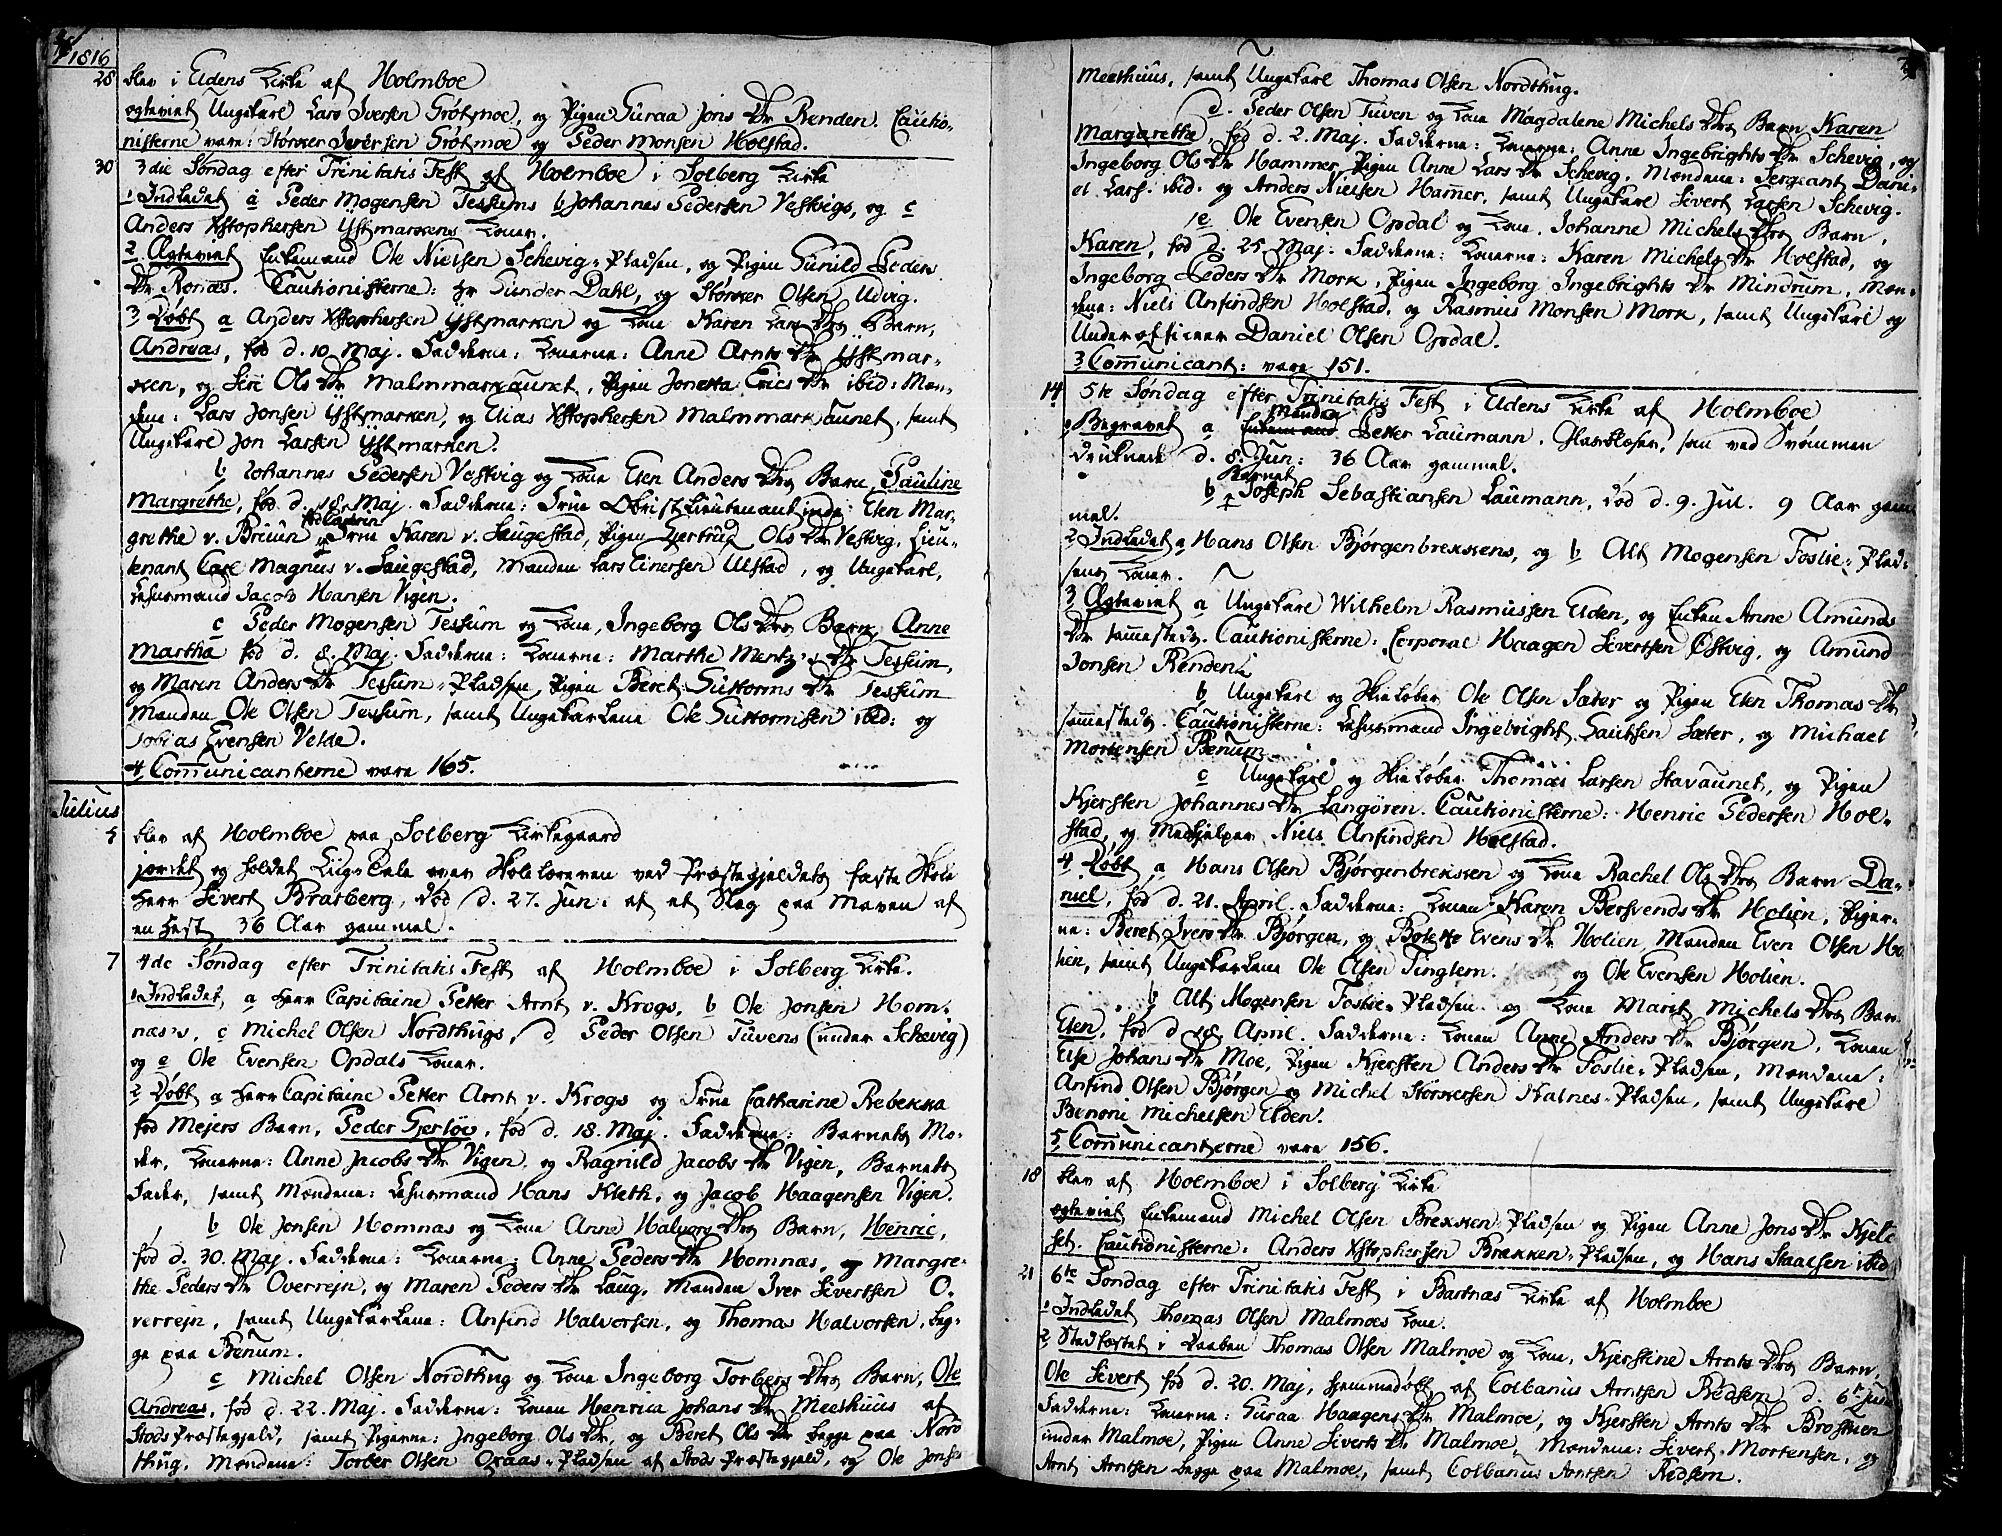 SAT, Ministerialprotokoller, klokkerbøker og fødselsregistre - Nord-Trøndelag, 741/L0386: Parish register (official) no. 741A02, 1804-1816, p. 76-77